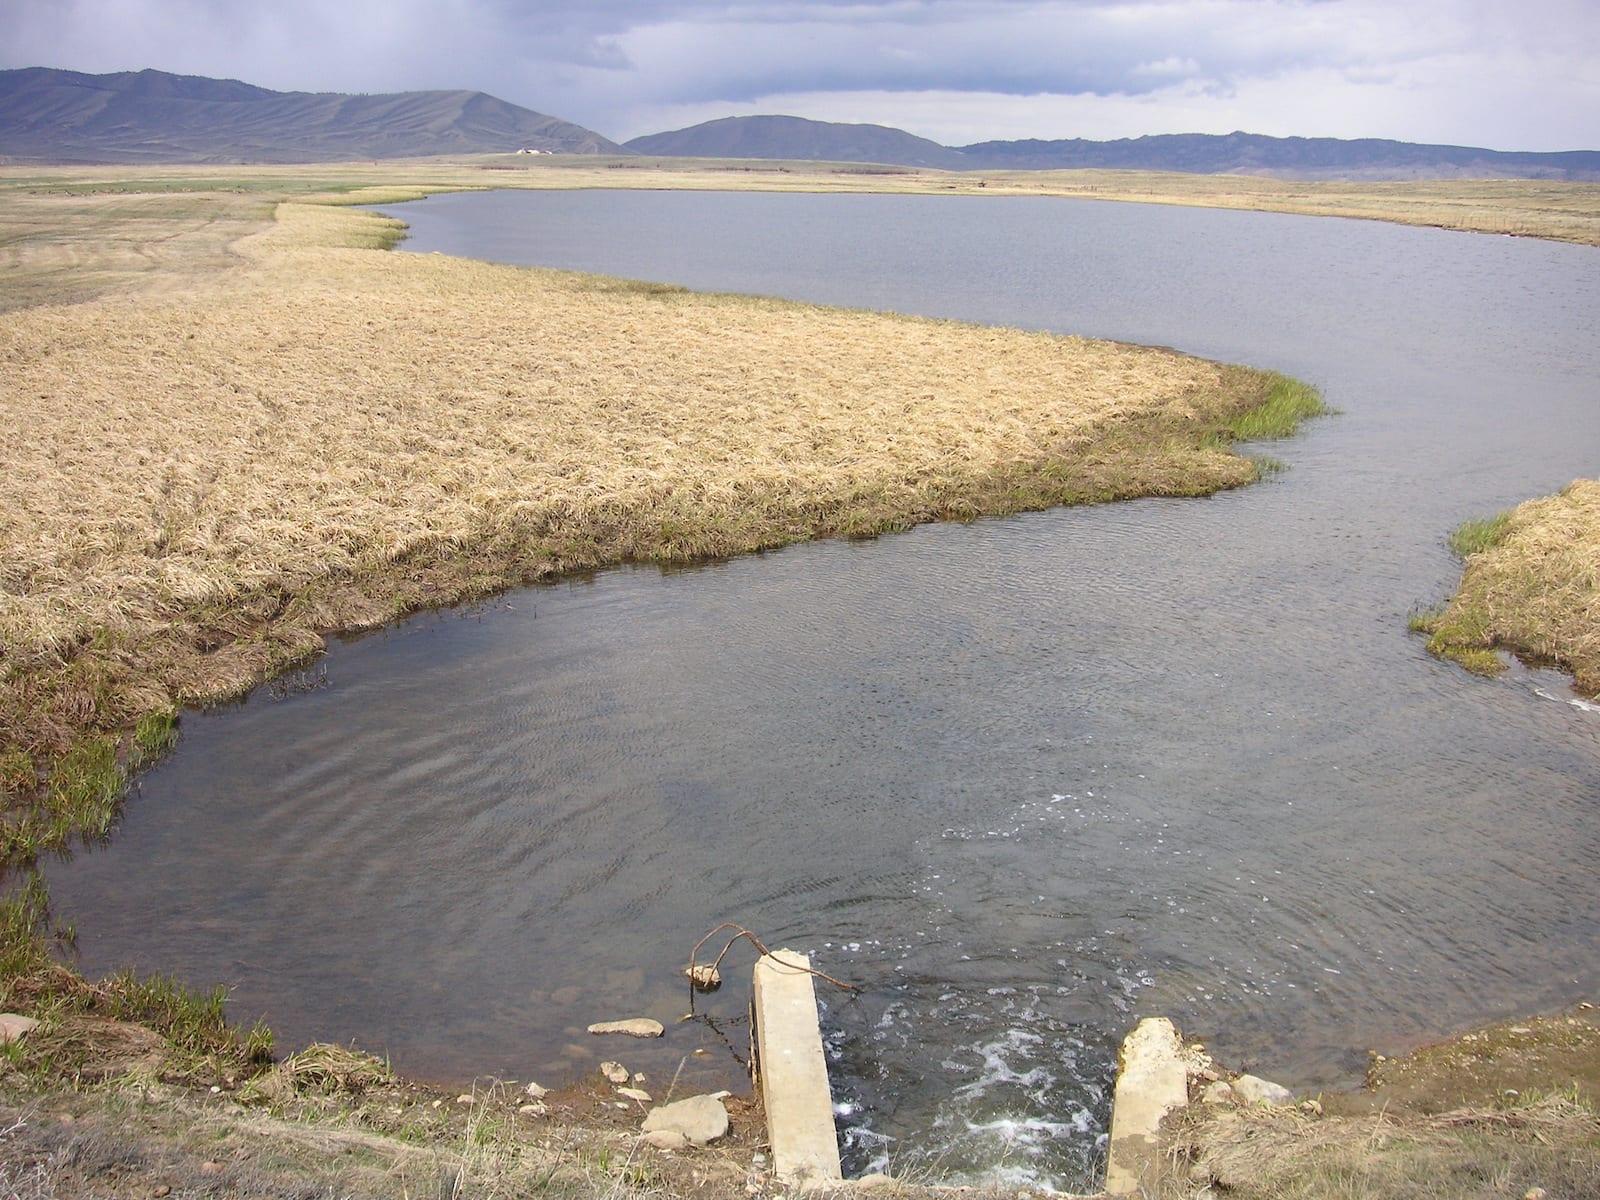 Cowdrey Lake Runoff Colorado